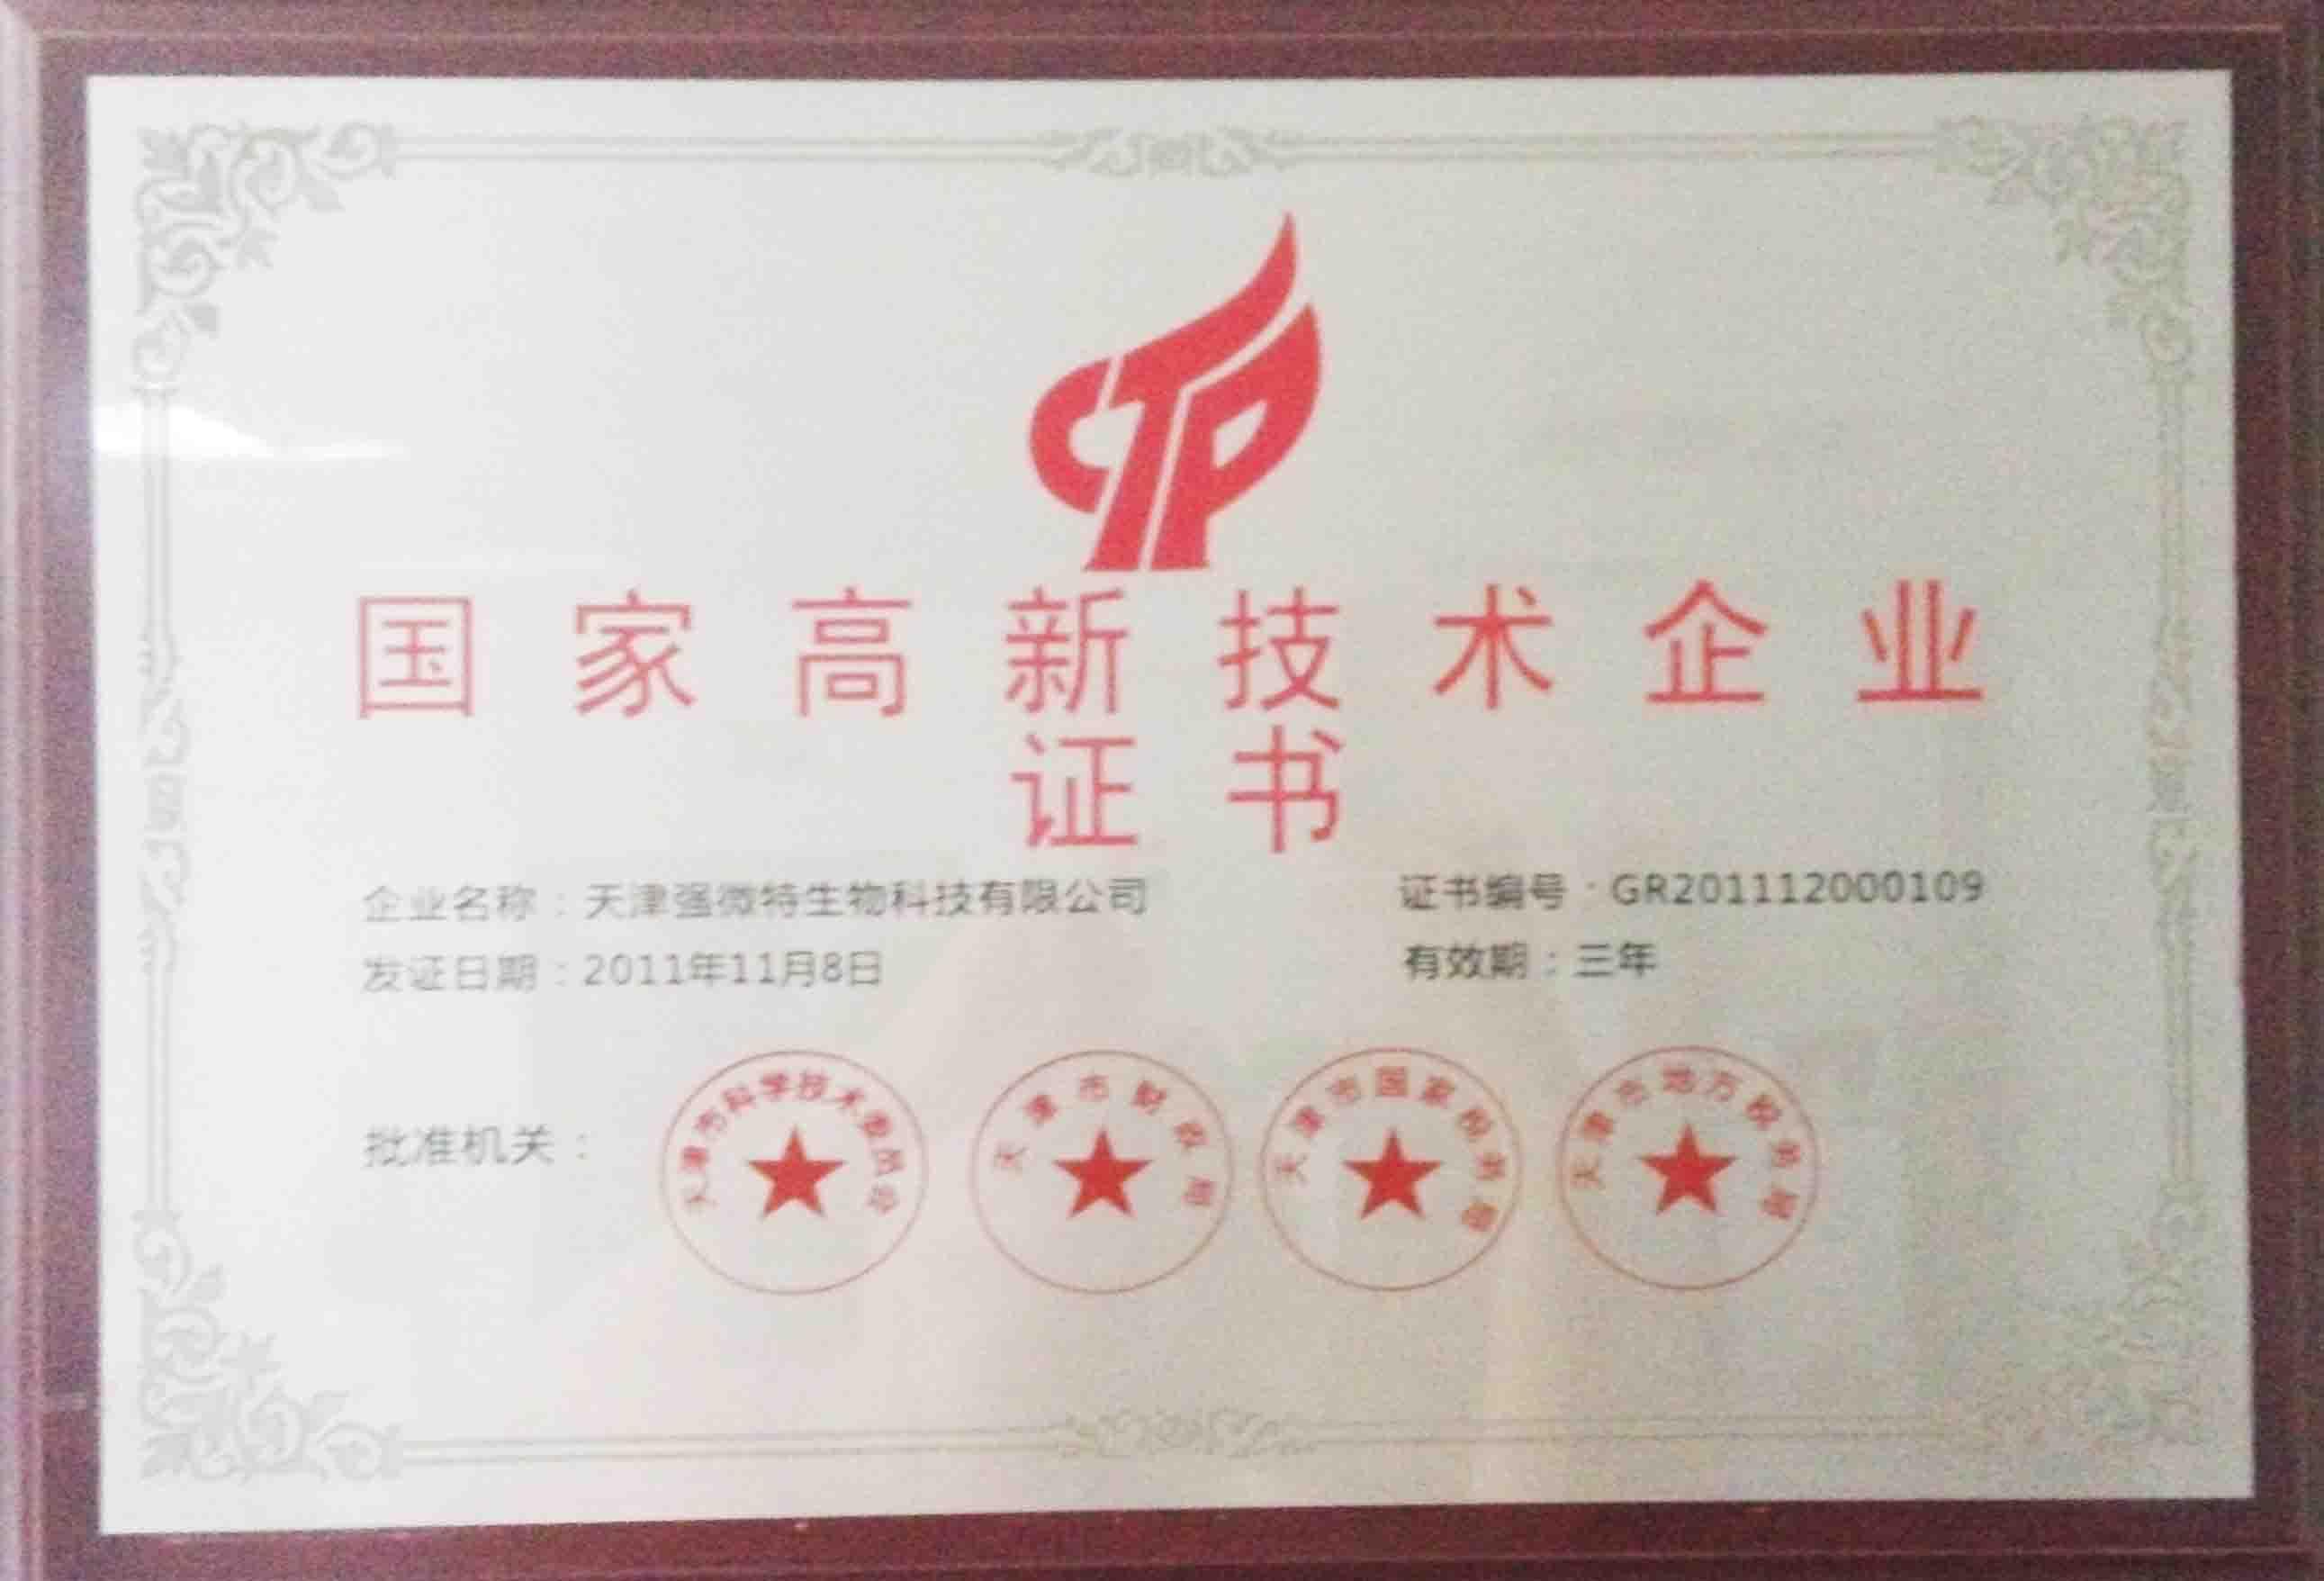 公司荣誉-高新技术企业证书